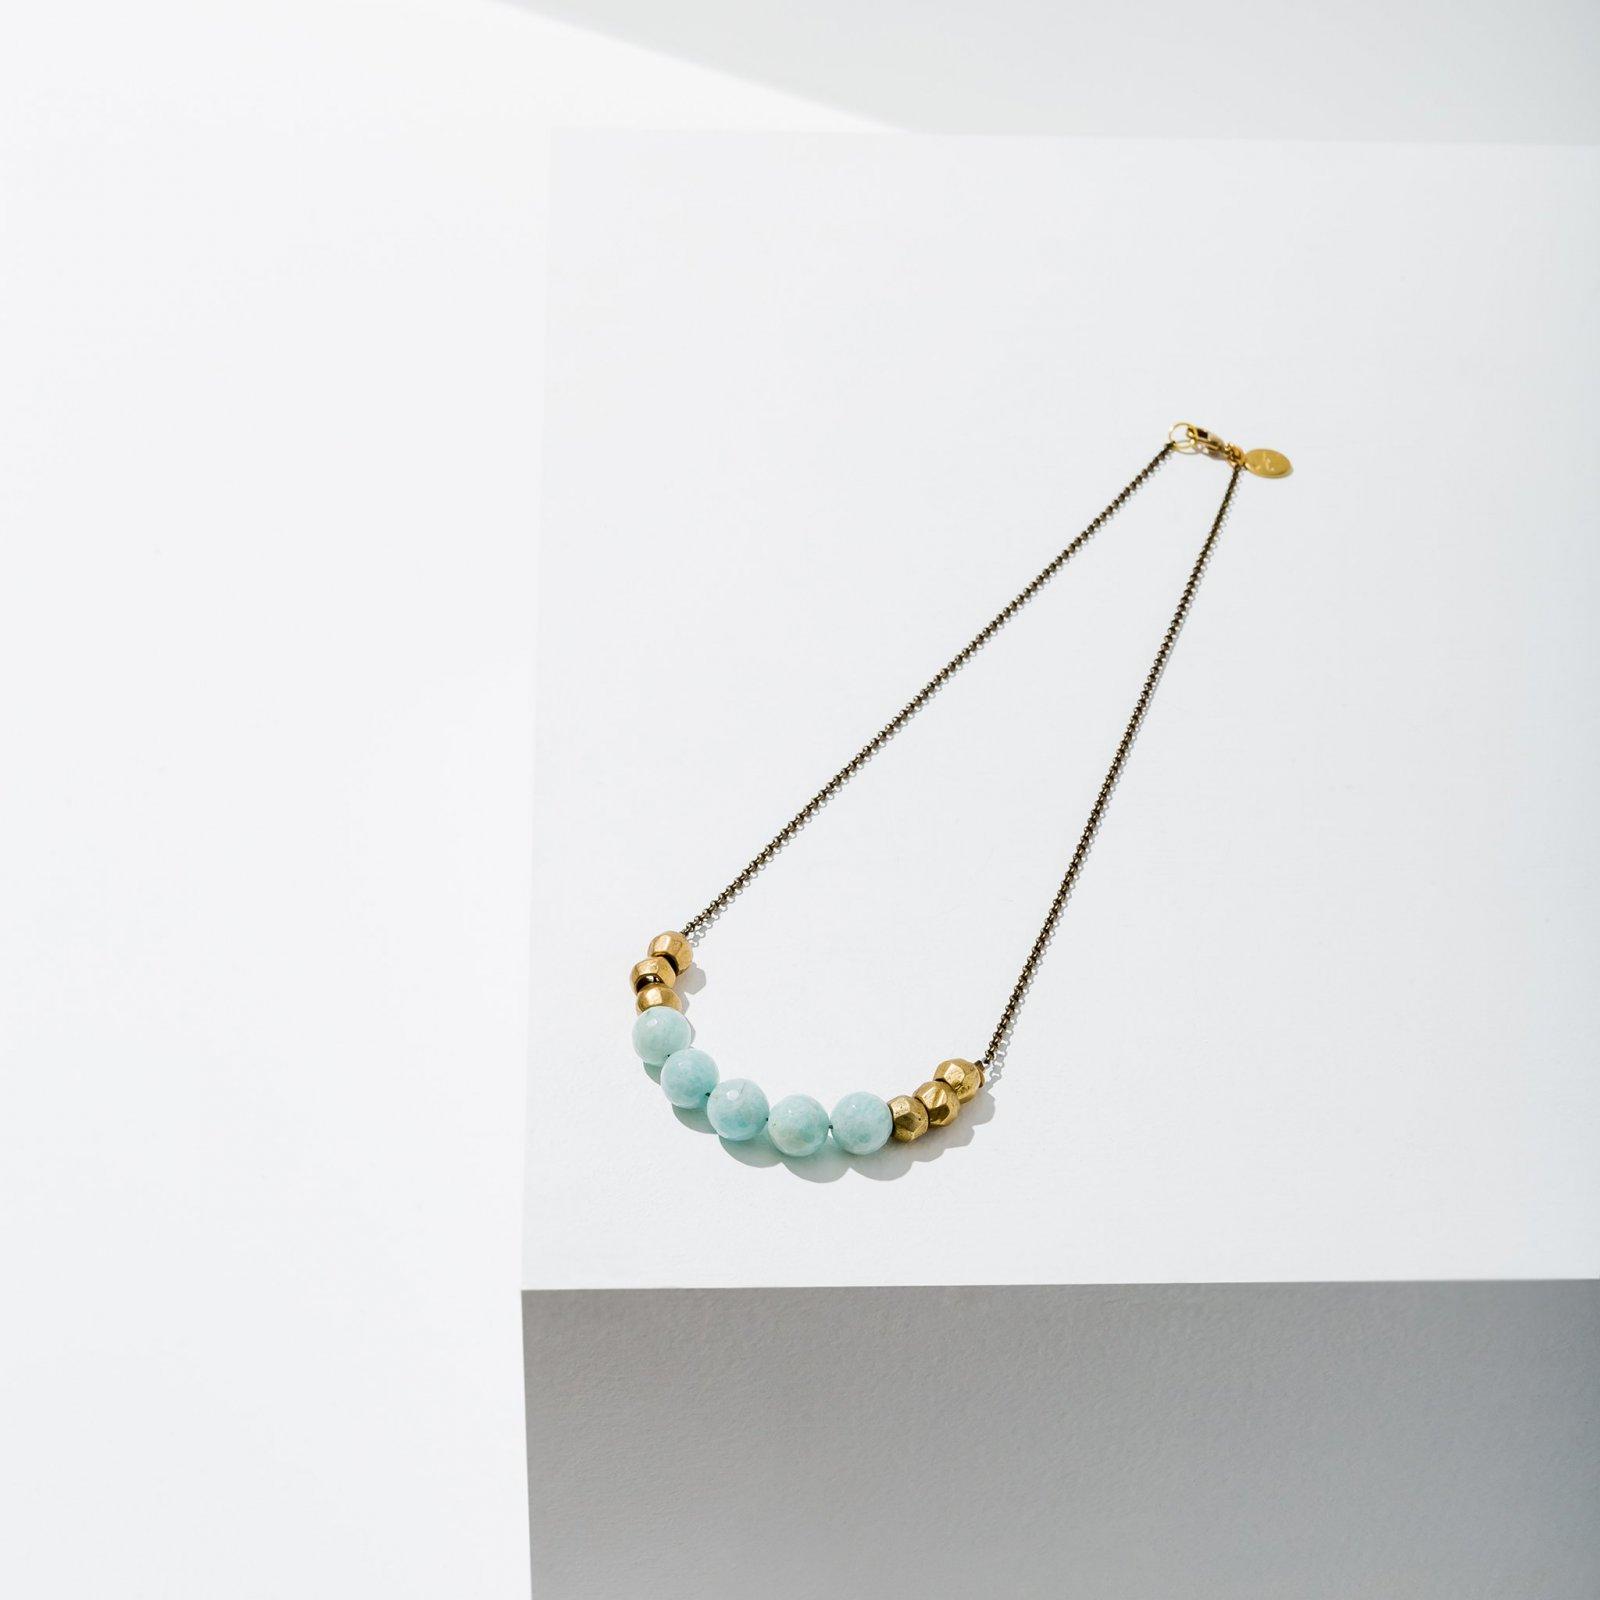 Mint Julep Amazonite Necklace